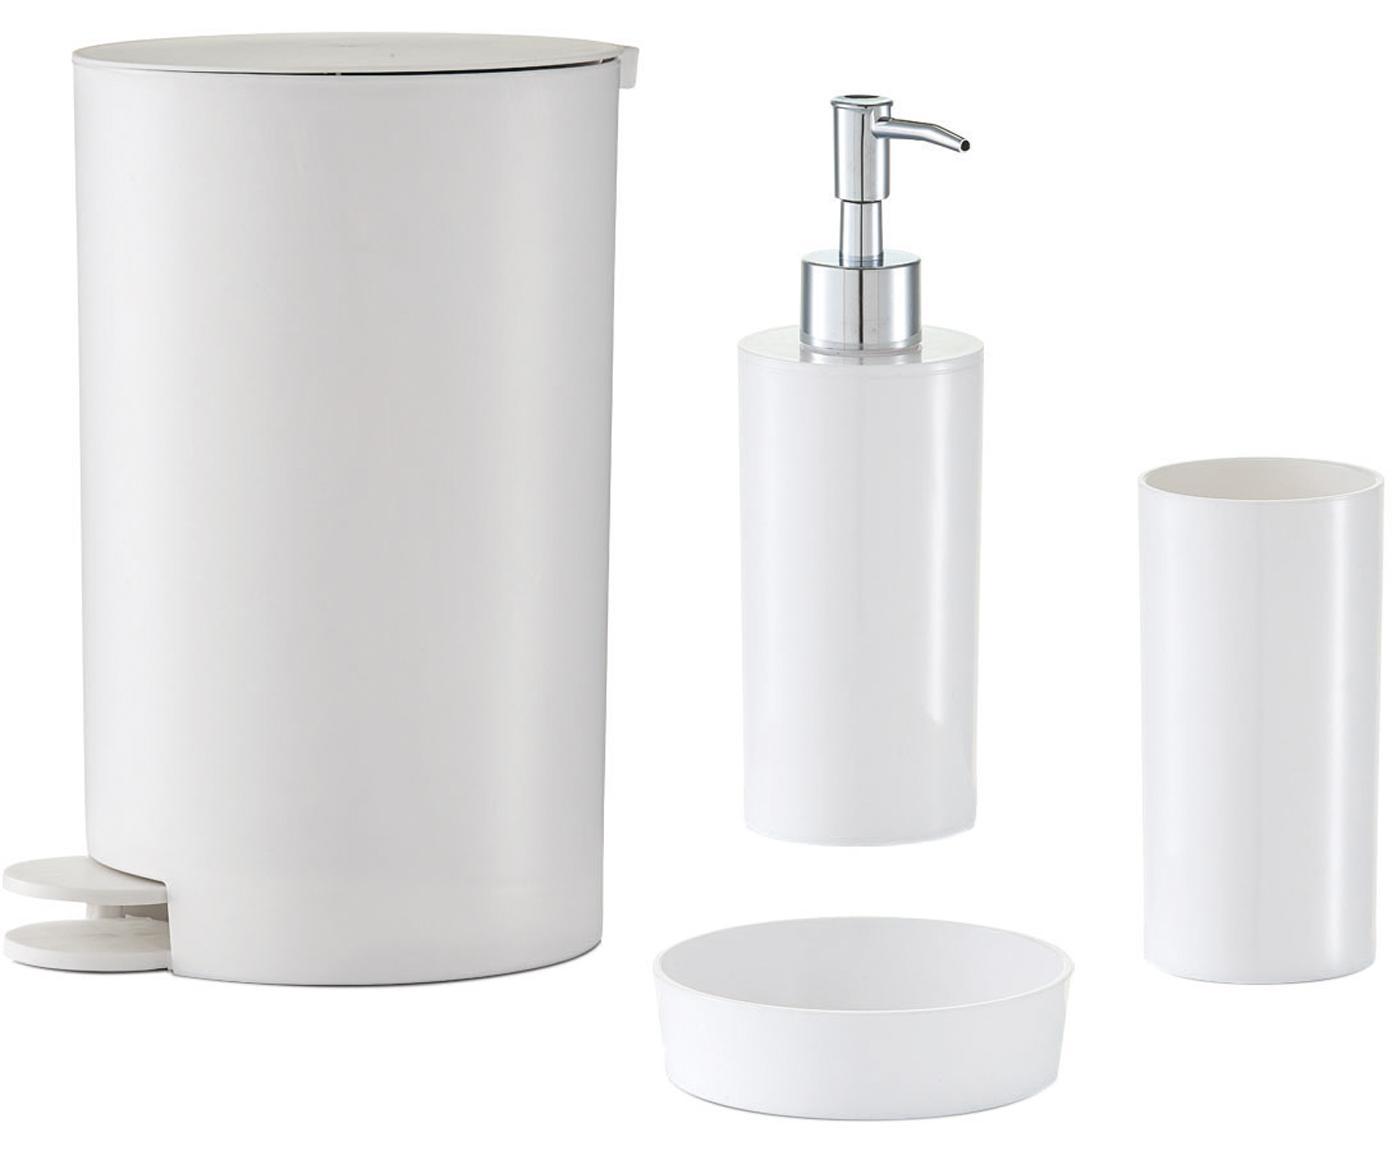 Badkamerset Maxim, 4-delig, Kunststof, Wit, Verschillende groottes